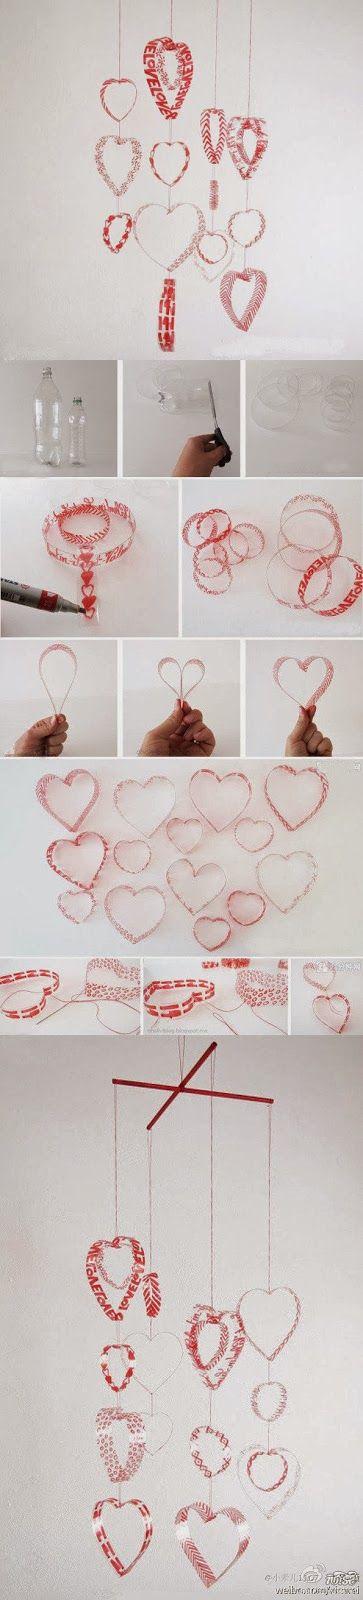 Móvil de corazones hechos de botellas de plástico recicladas - Mobile of hearts made of recycled plastic bottles